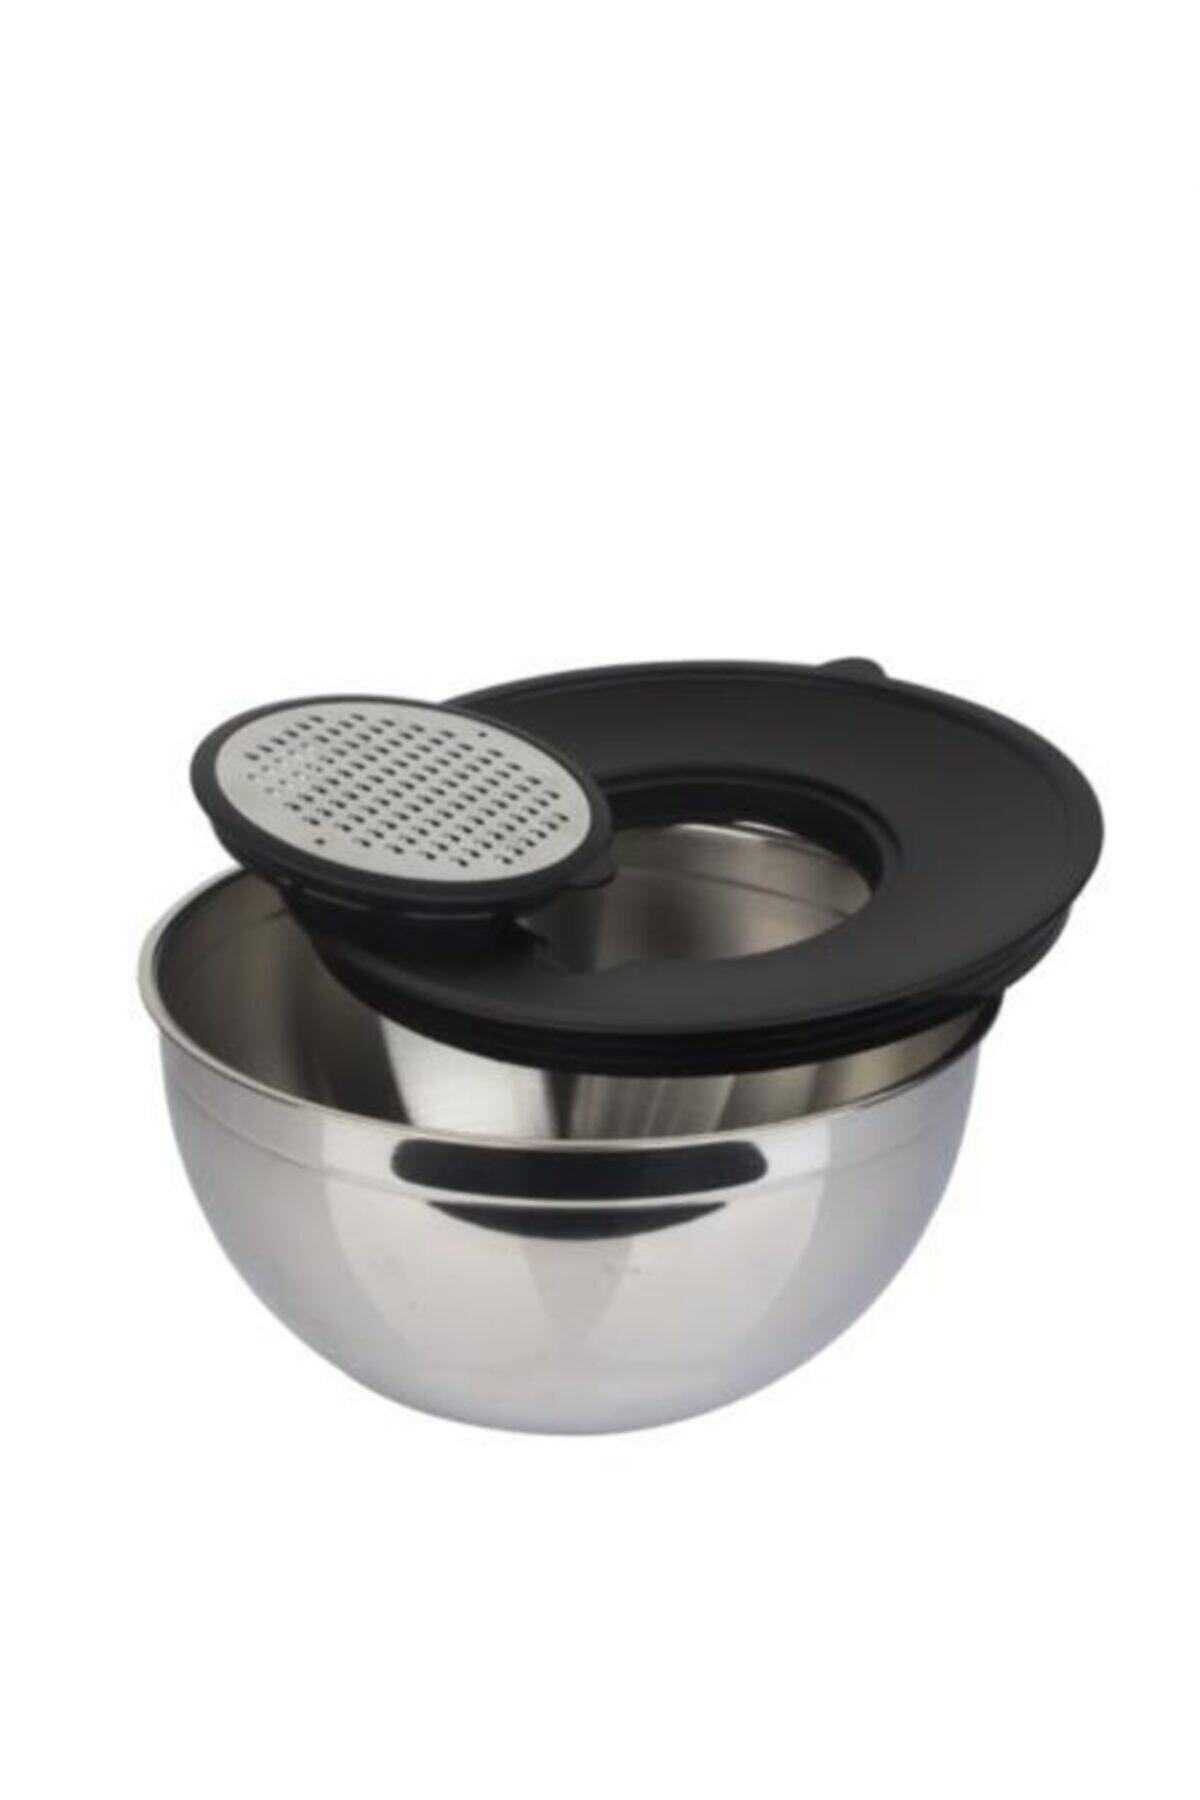 ACAR Karat 24 Cm Çelik Rendeli Karıştırma Kabı - Rendeli 2